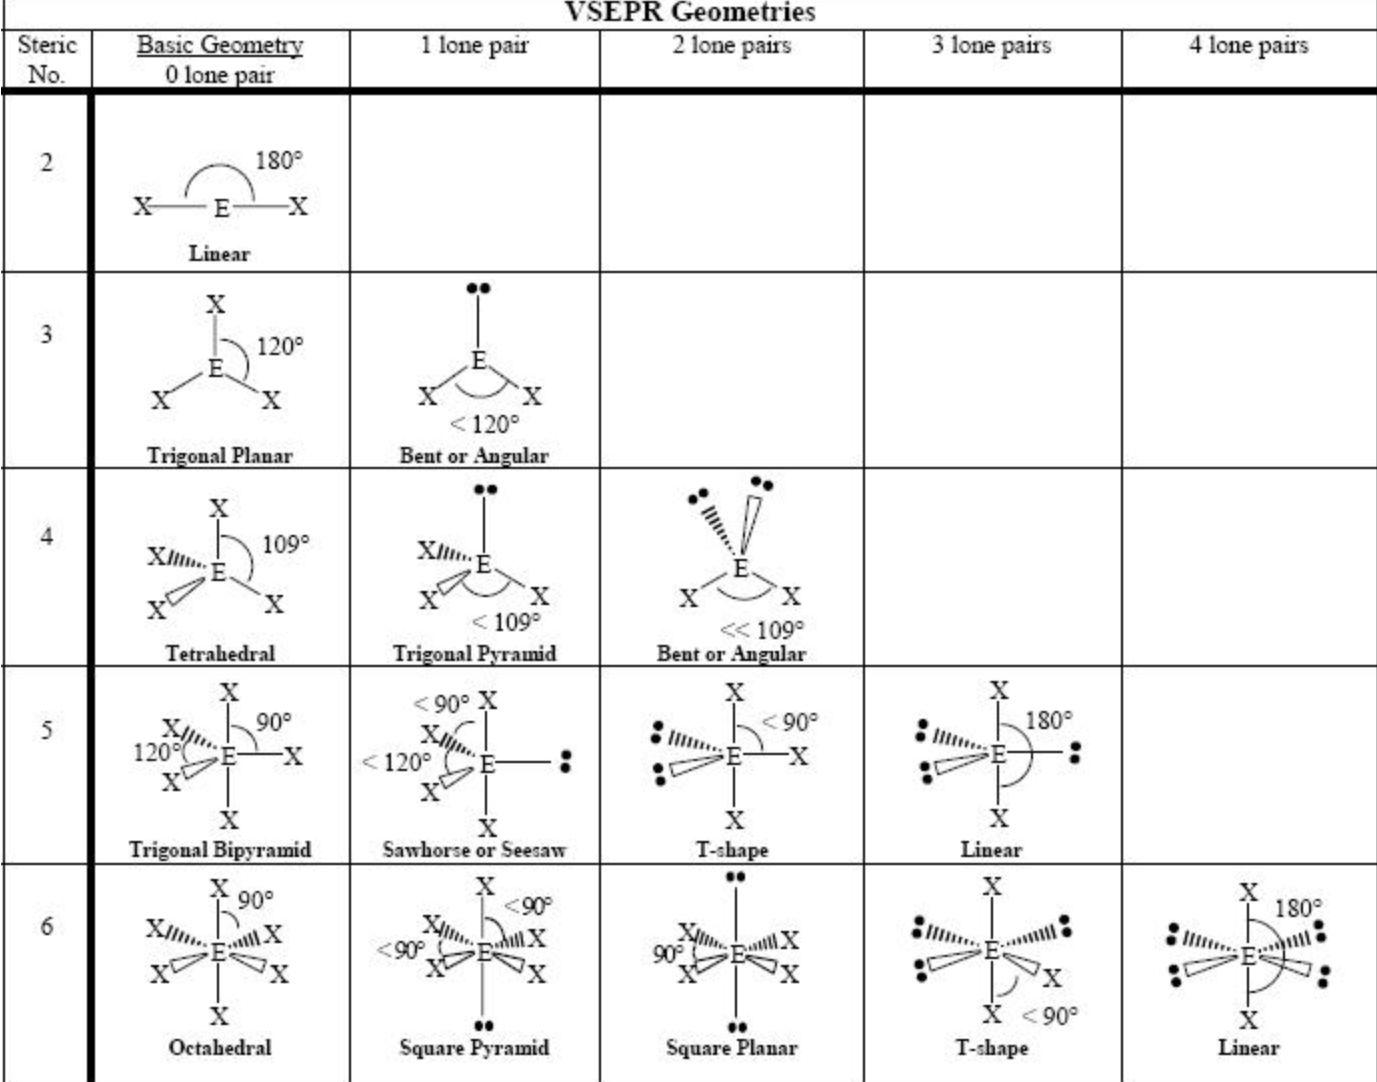 Pin By Chemkate On Vsepr Molecular Geometry Vsepr Theory Molecular Shapes